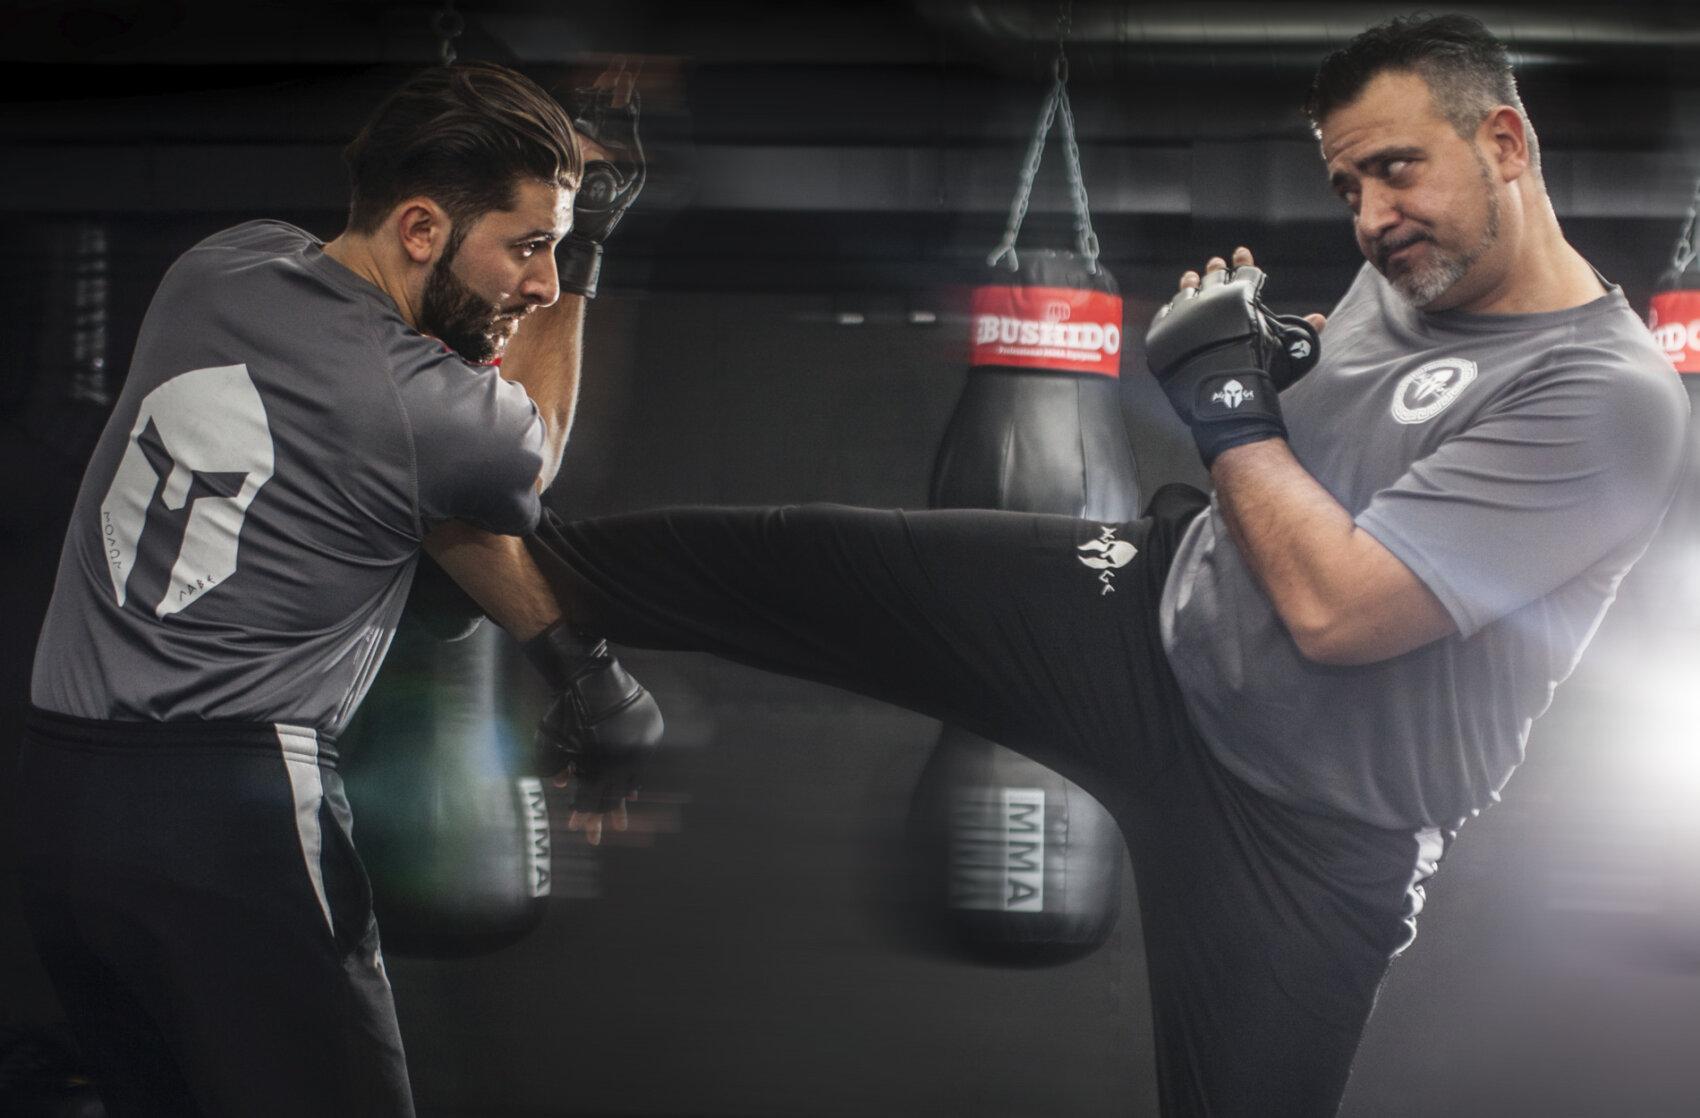 selbstverteidigung winnenden kampfsport wingtsun kravmaga mma kungfu karate